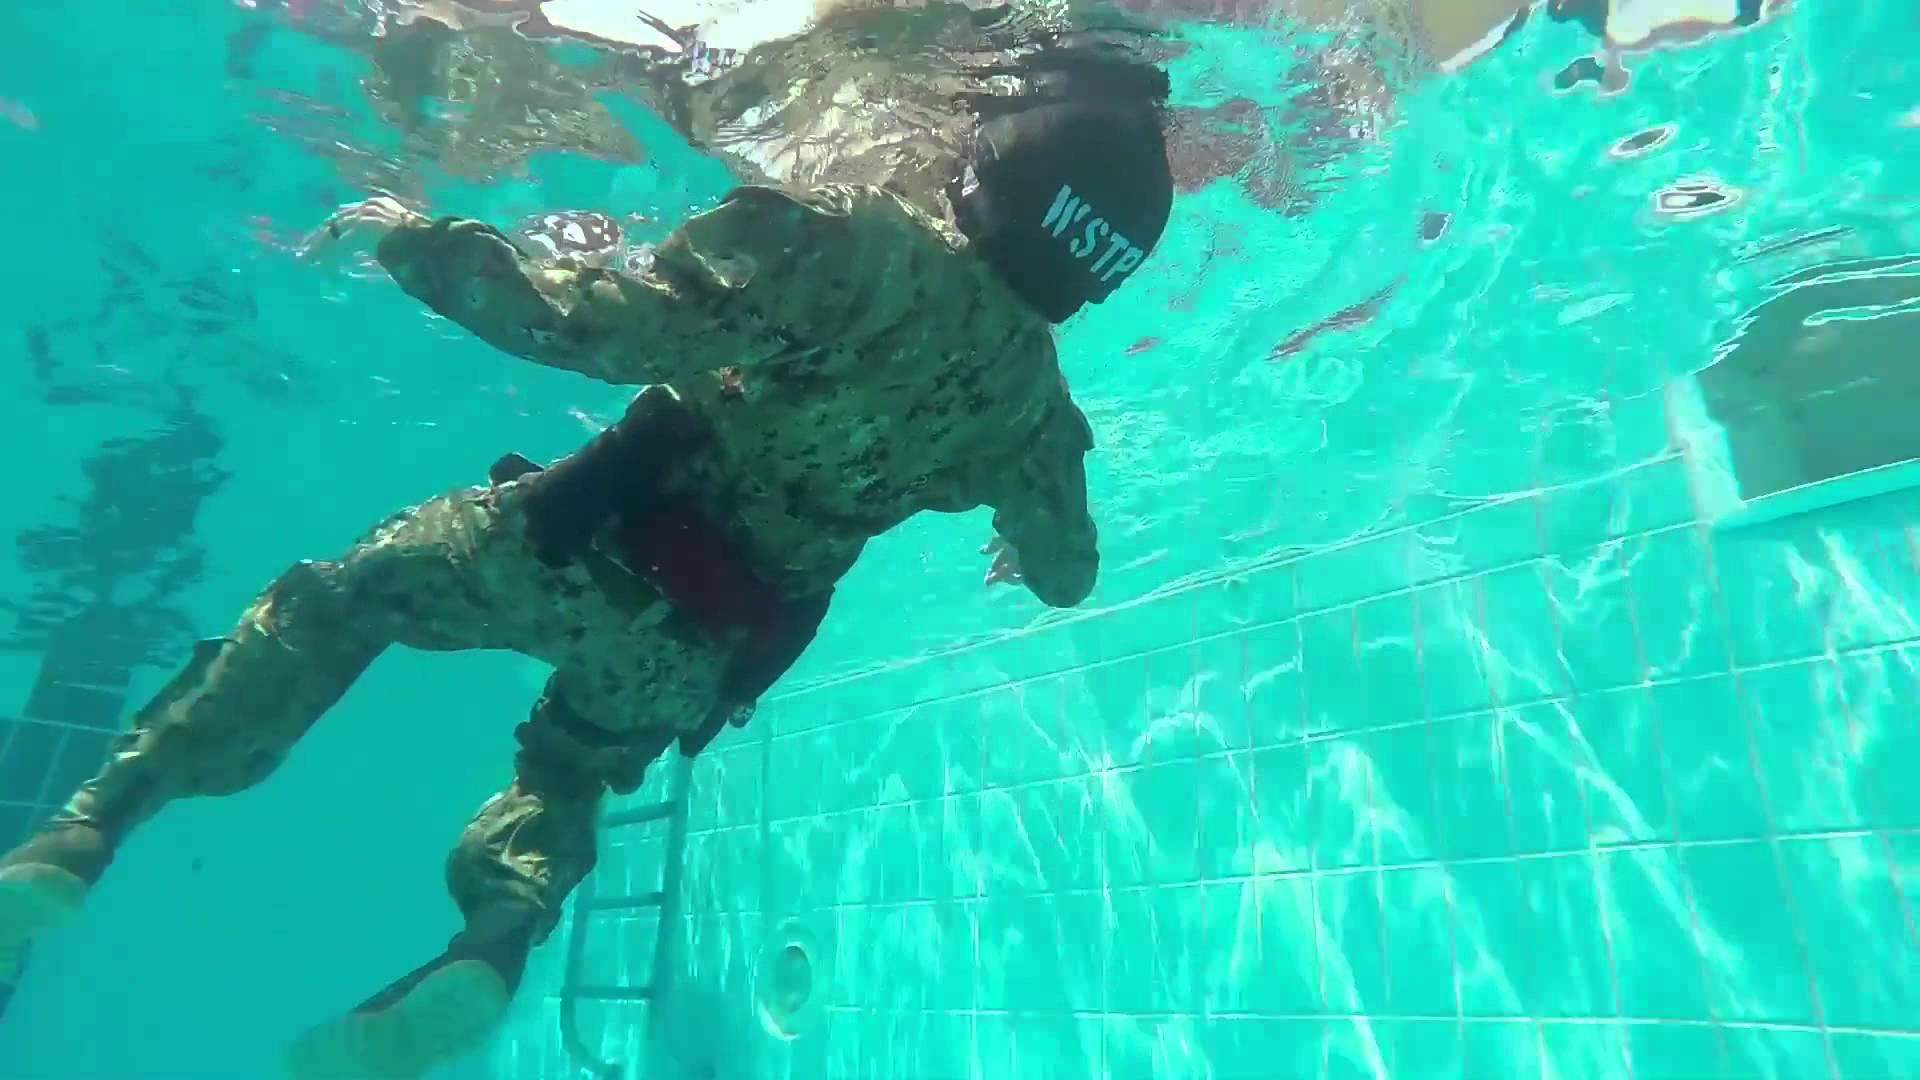 Coast guard training photo